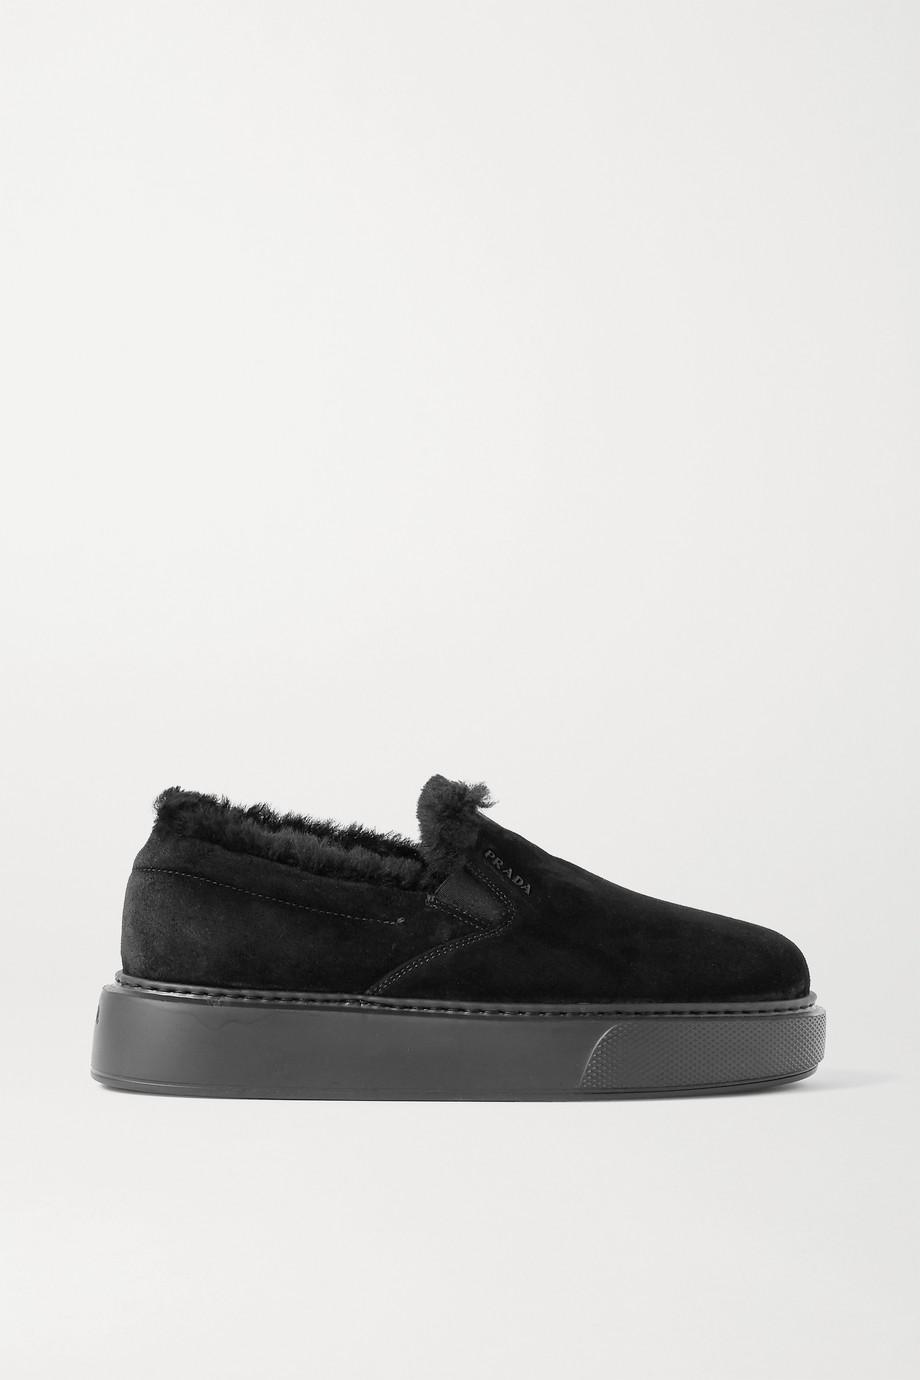 Prada Shearling-trimmed suede sneakers